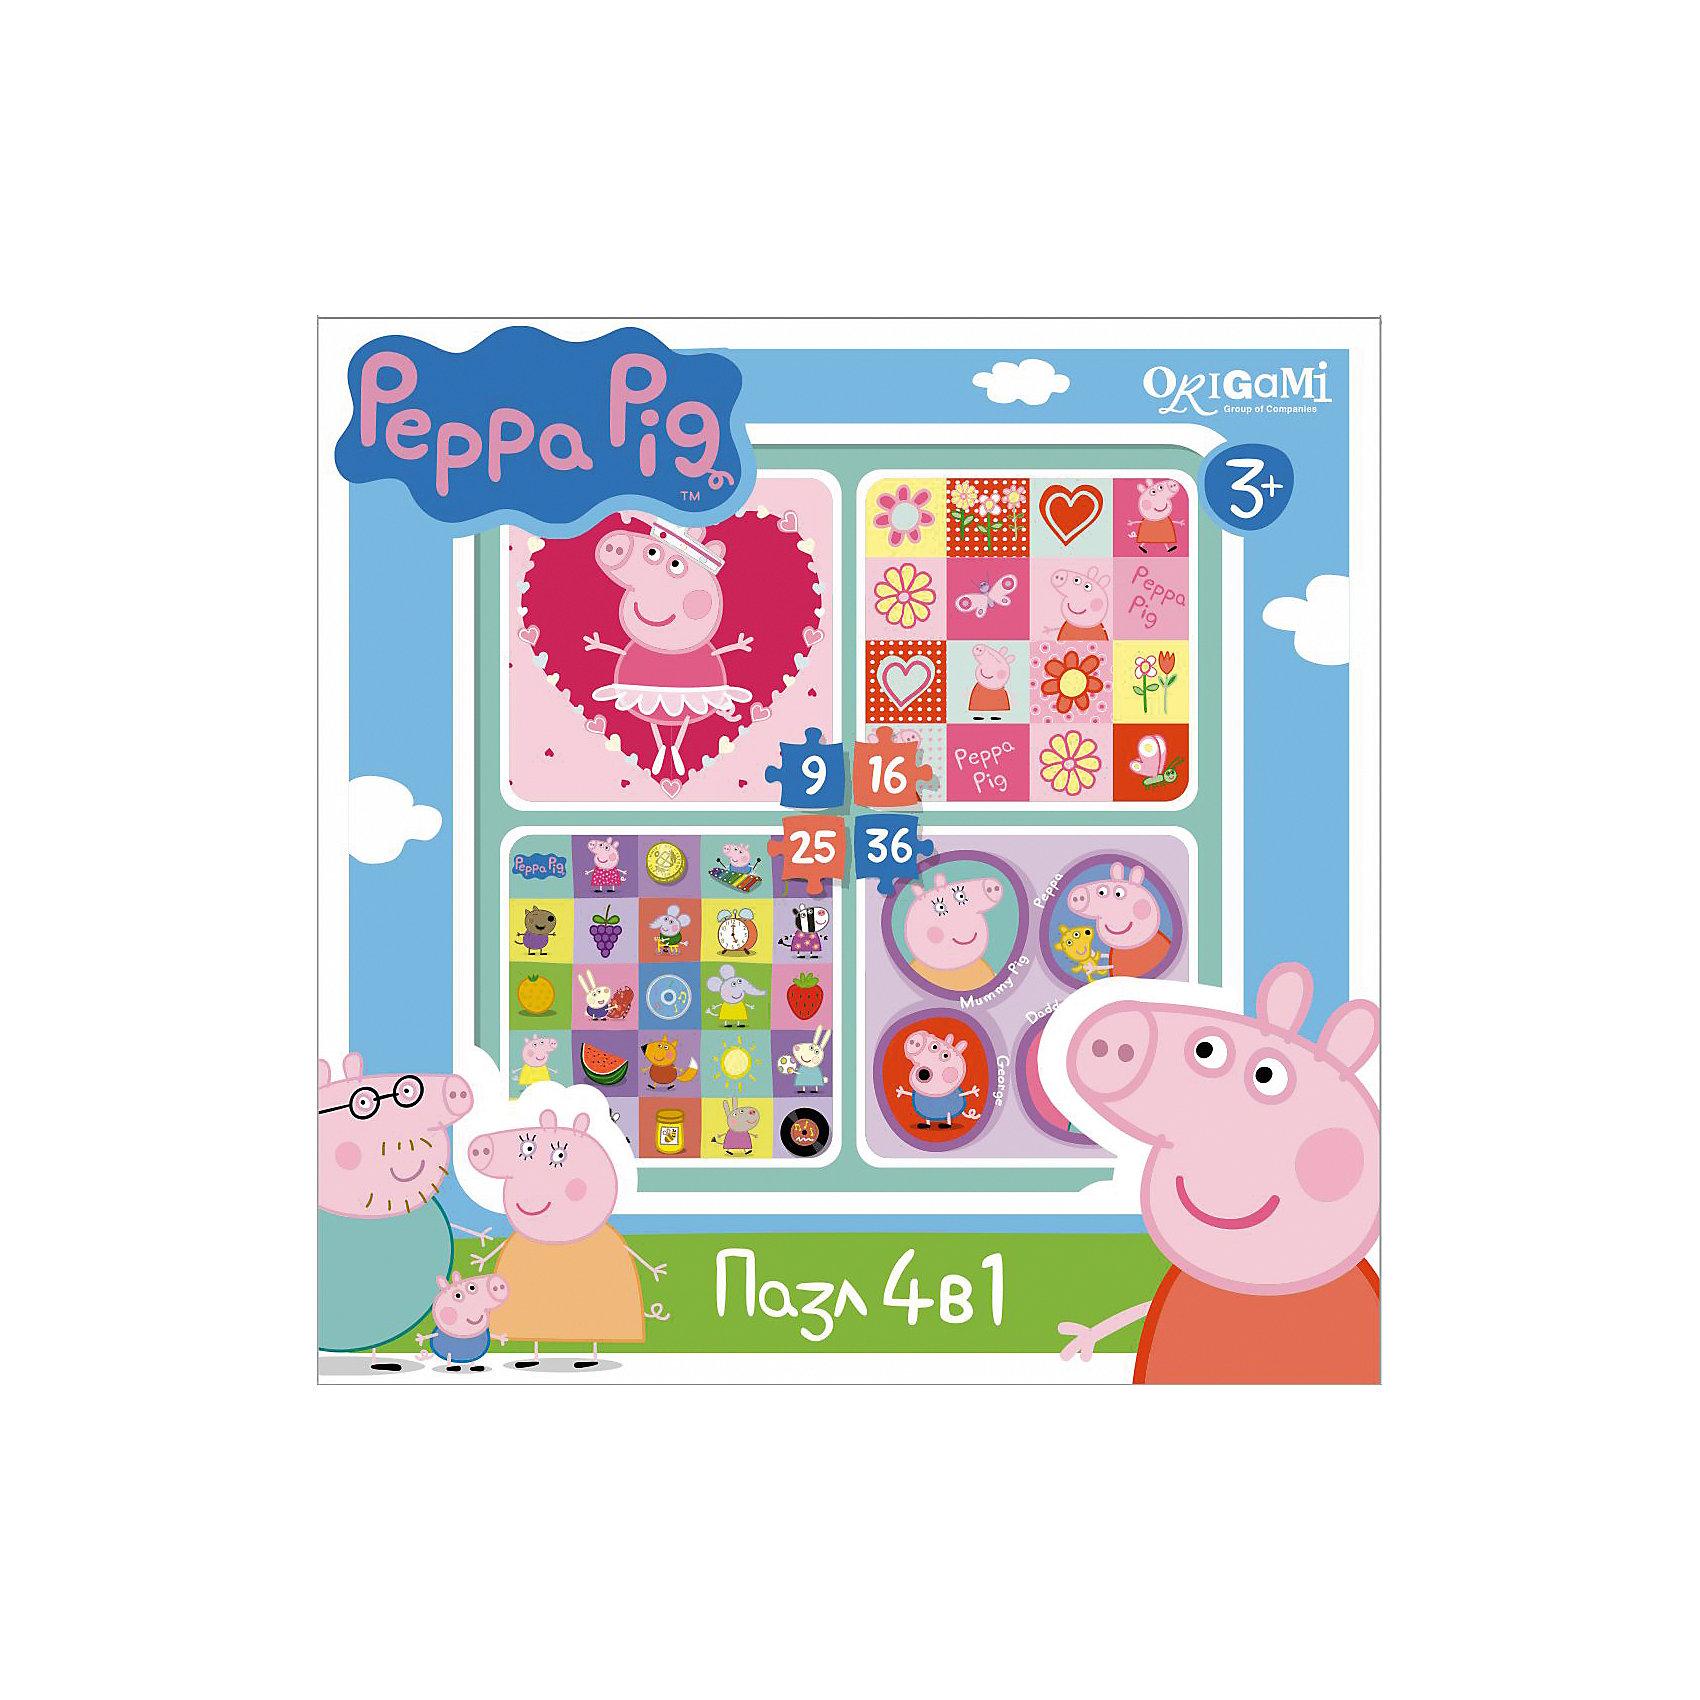 Origami Набор из 4-х пазлов Герои и предметы, 9*16*25*36 деталей, Свинка Пеппа origami пазл замок 160 деталей свинка пеппа